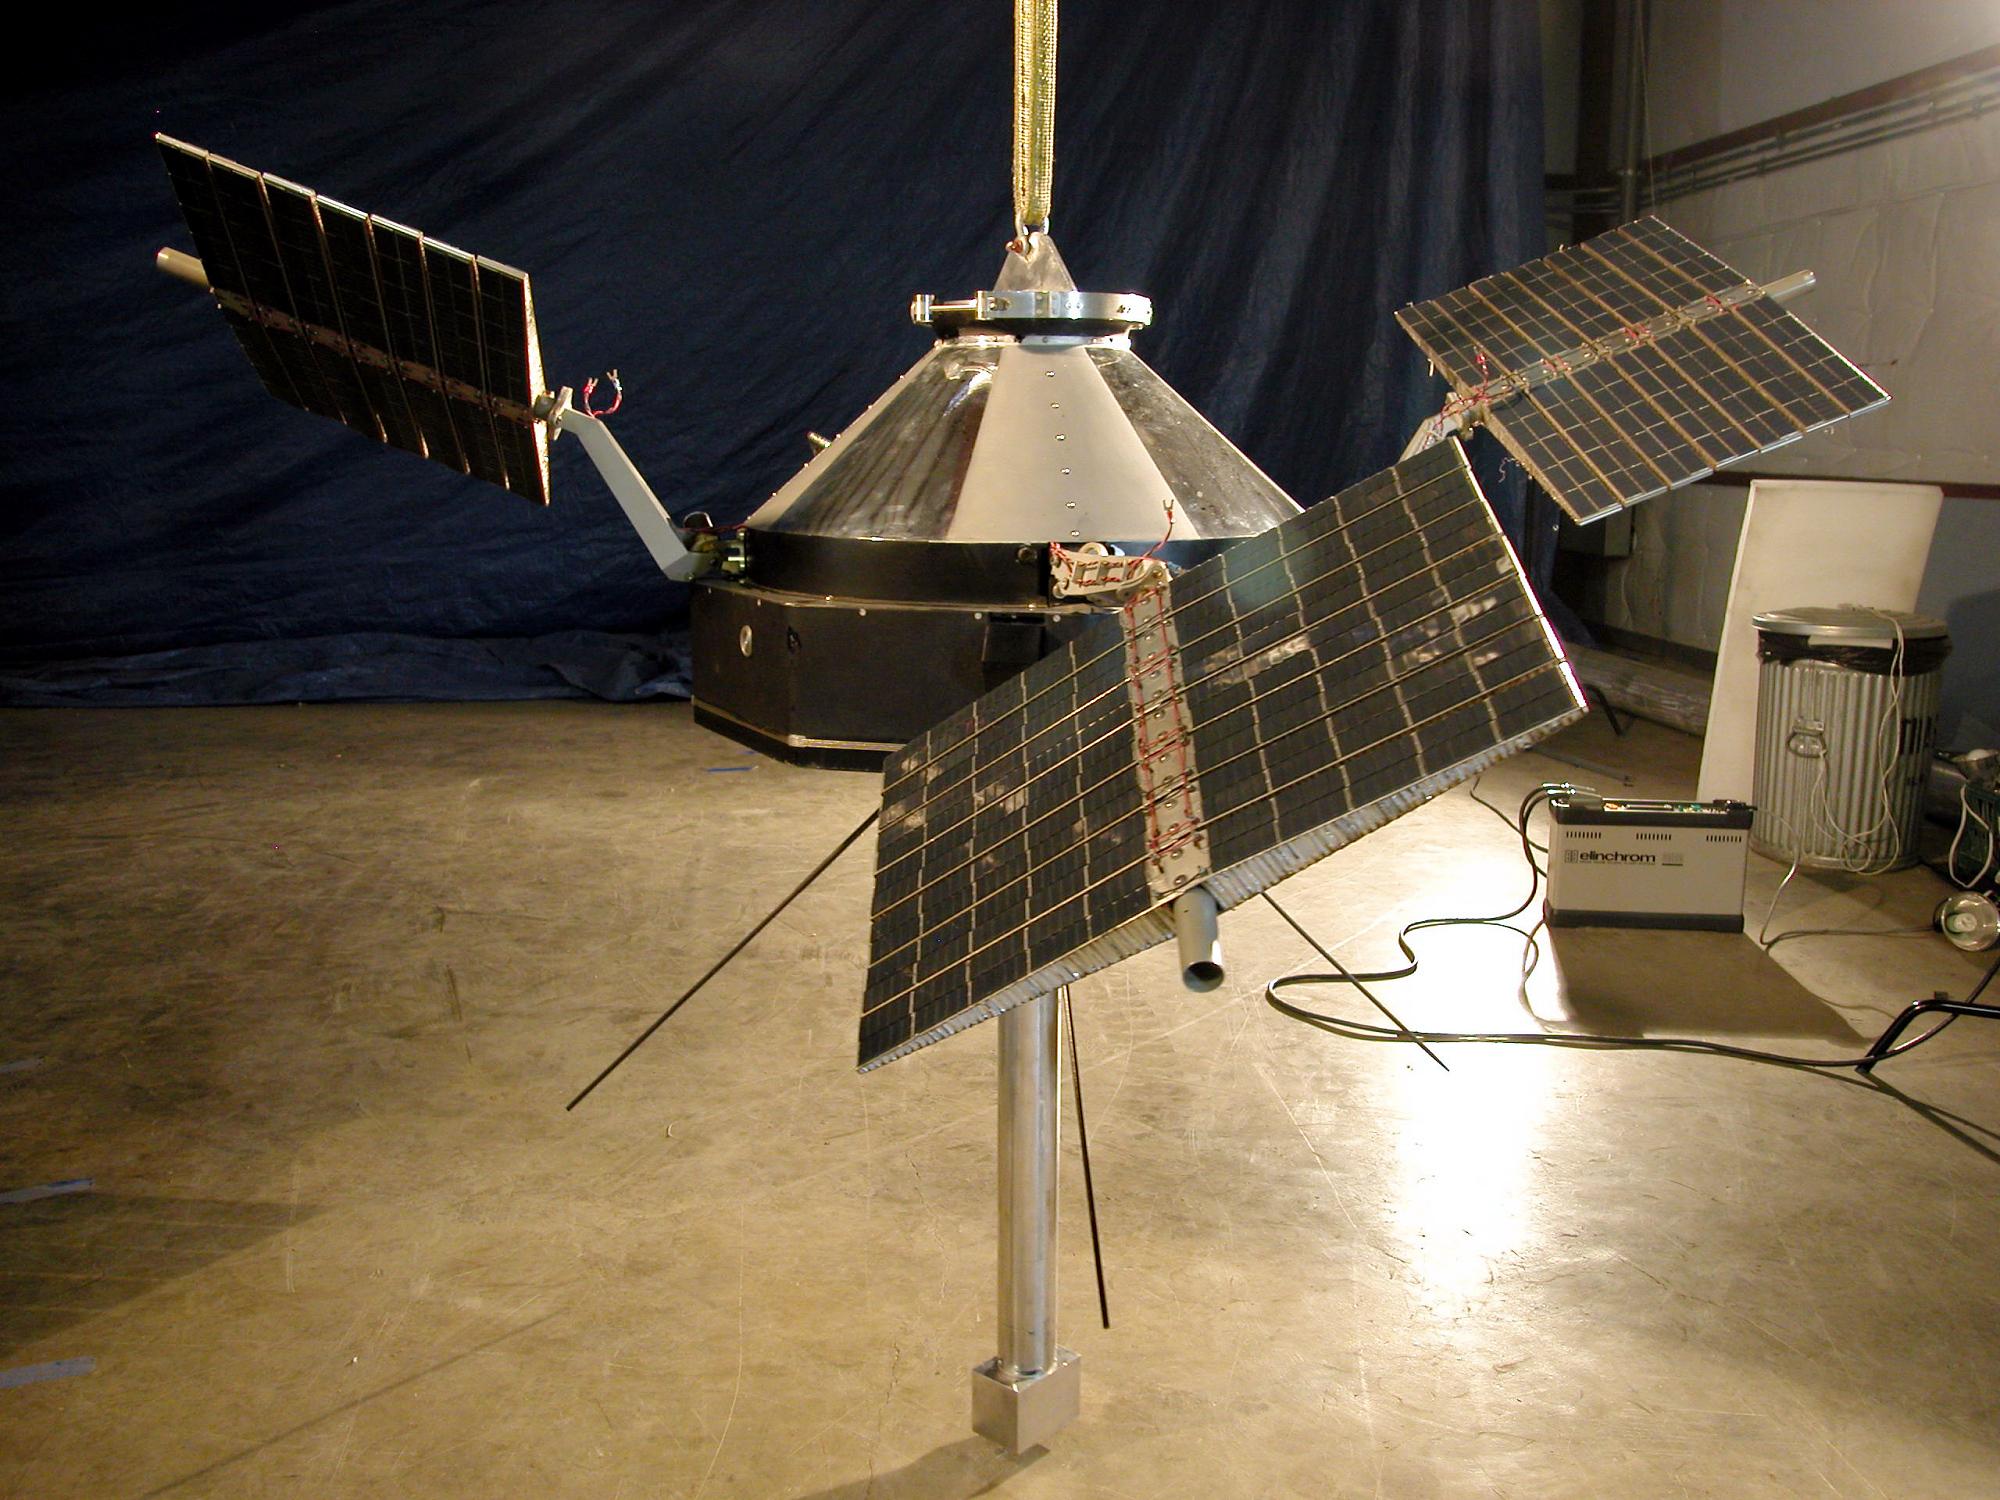 images for Satellite, Explorer 12, Backup